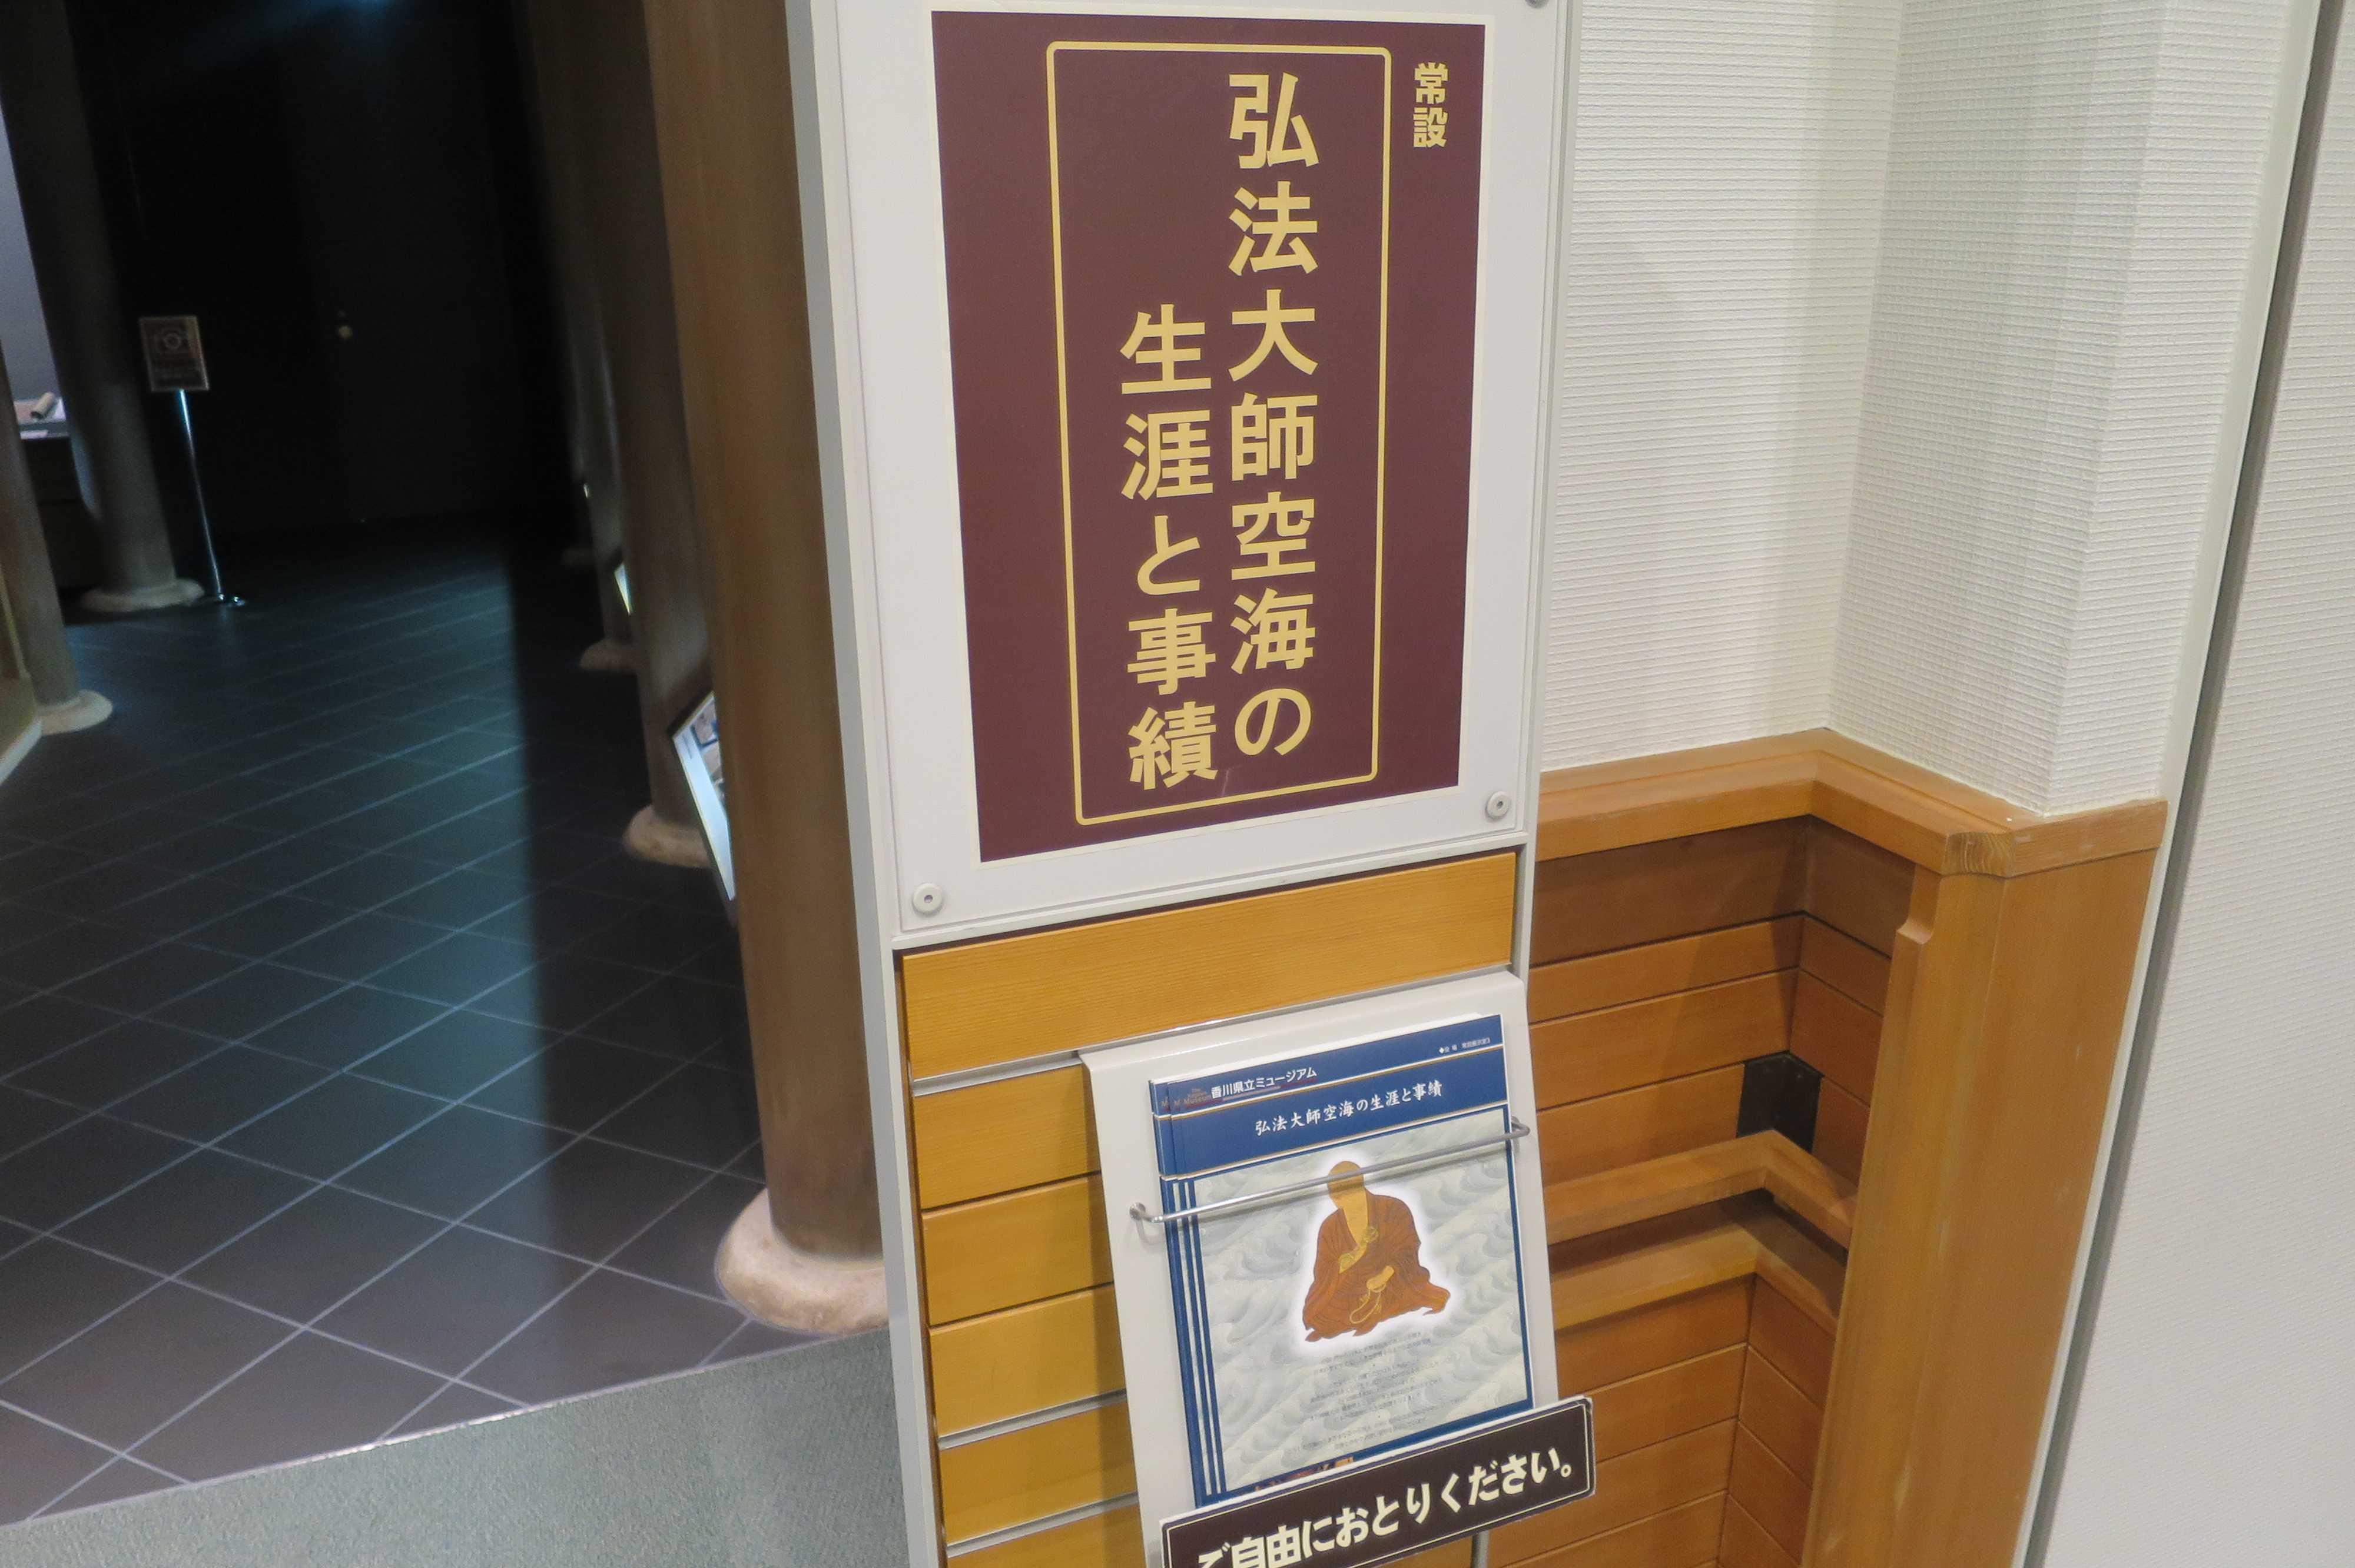 空海の生涯と事績 - 香川県立ミュージアム